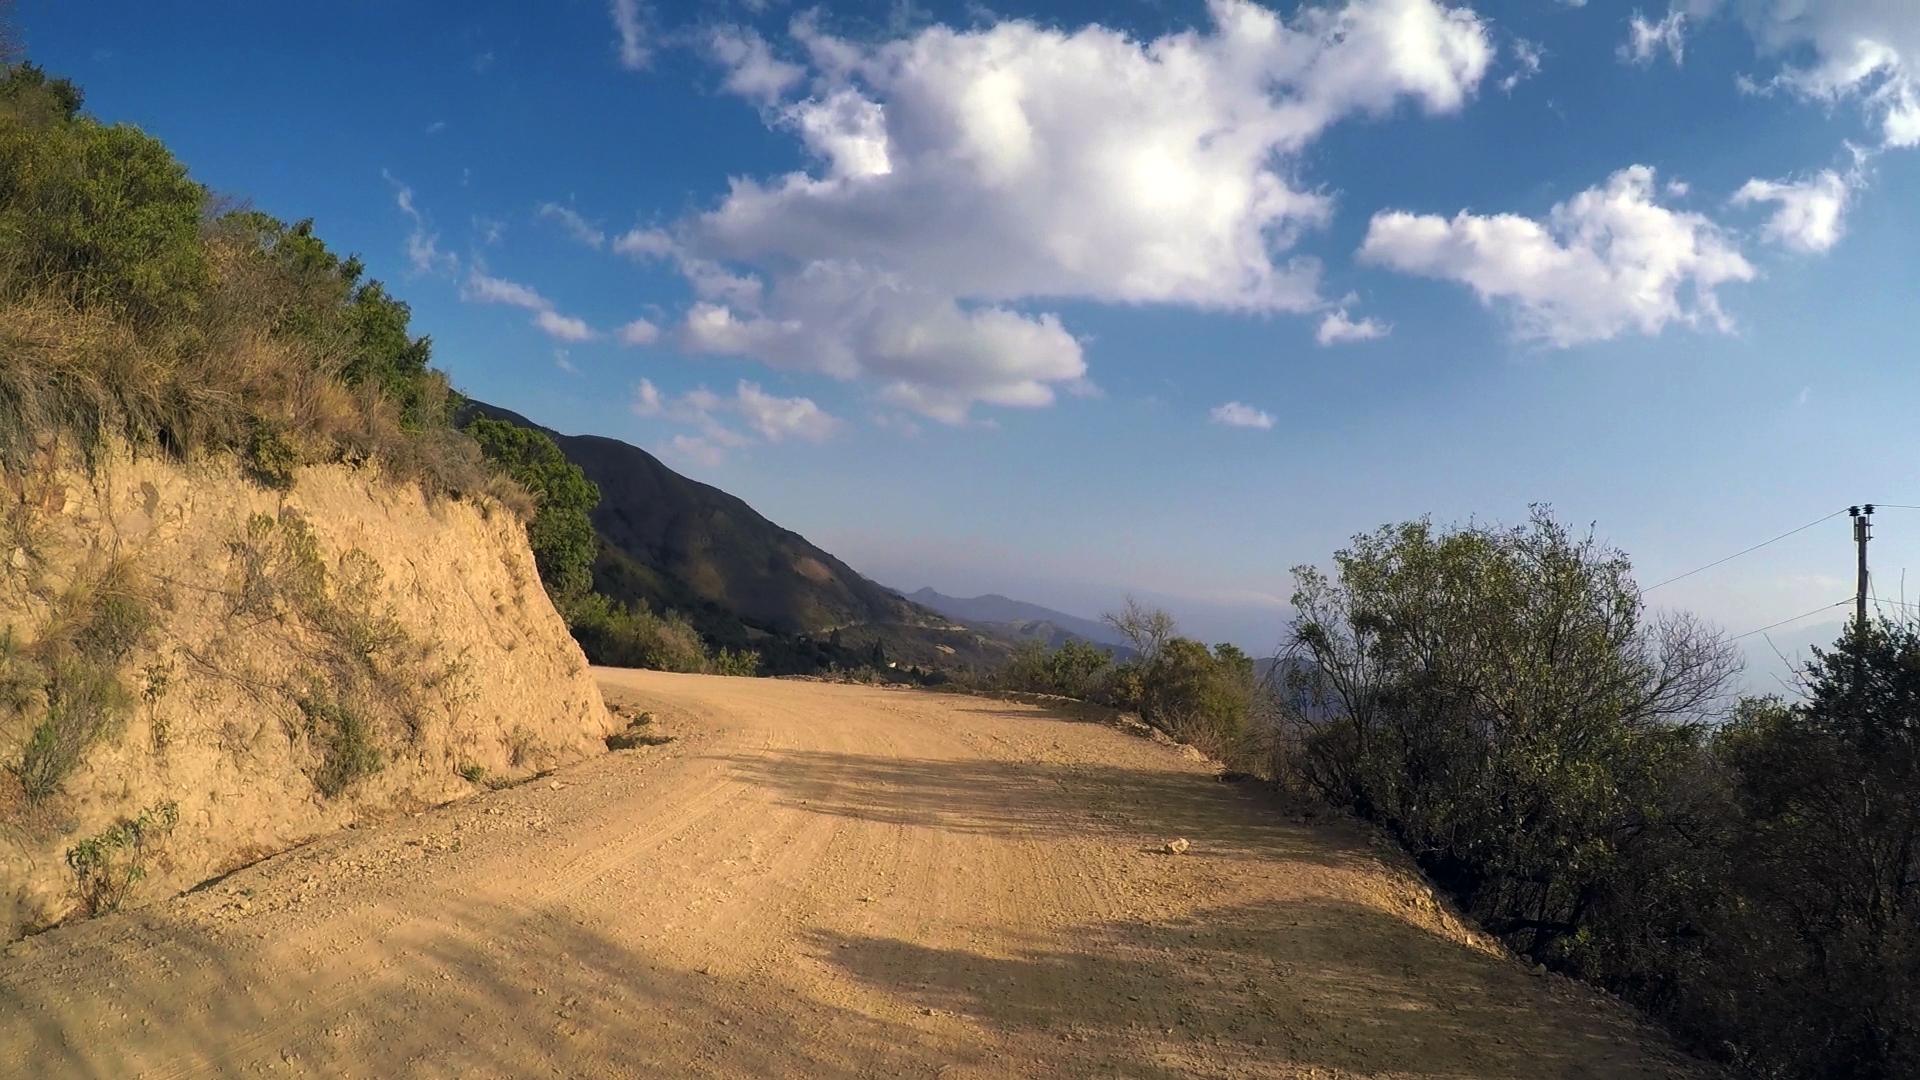 pablocaminante ruta del che higuera - Ruta del Che 2/2, La Higuera